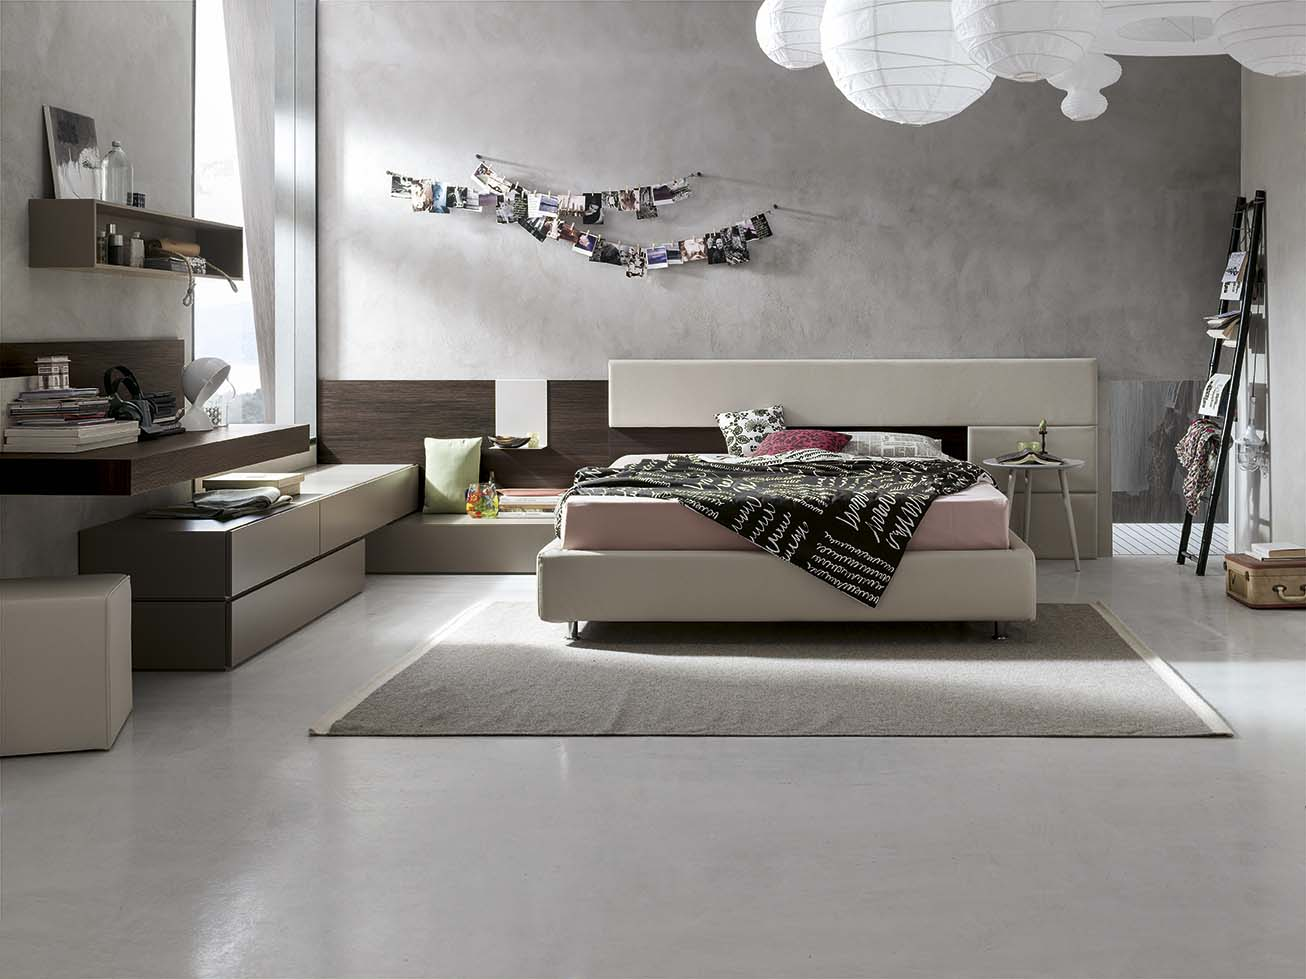 Prodotti arredo spazio casa for Piani casa in stile artigiano 2 camere da letto